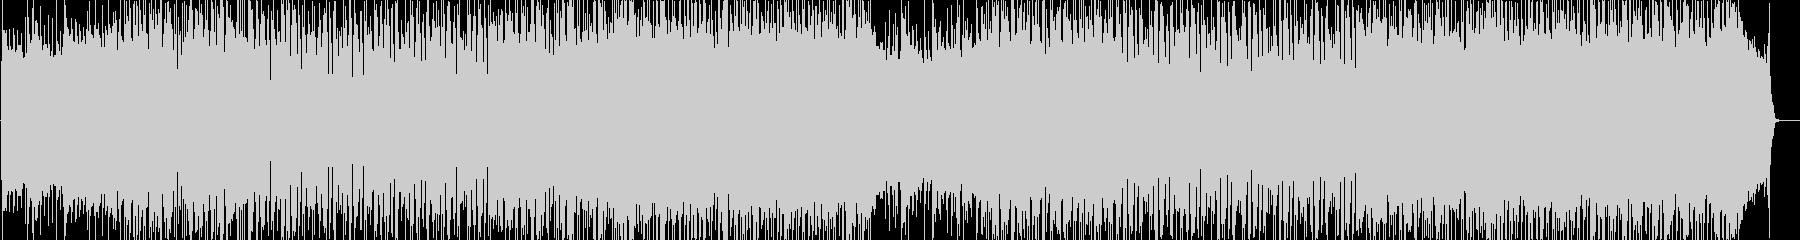 オーソドックスでシンプルなハードロックの未再生の波形